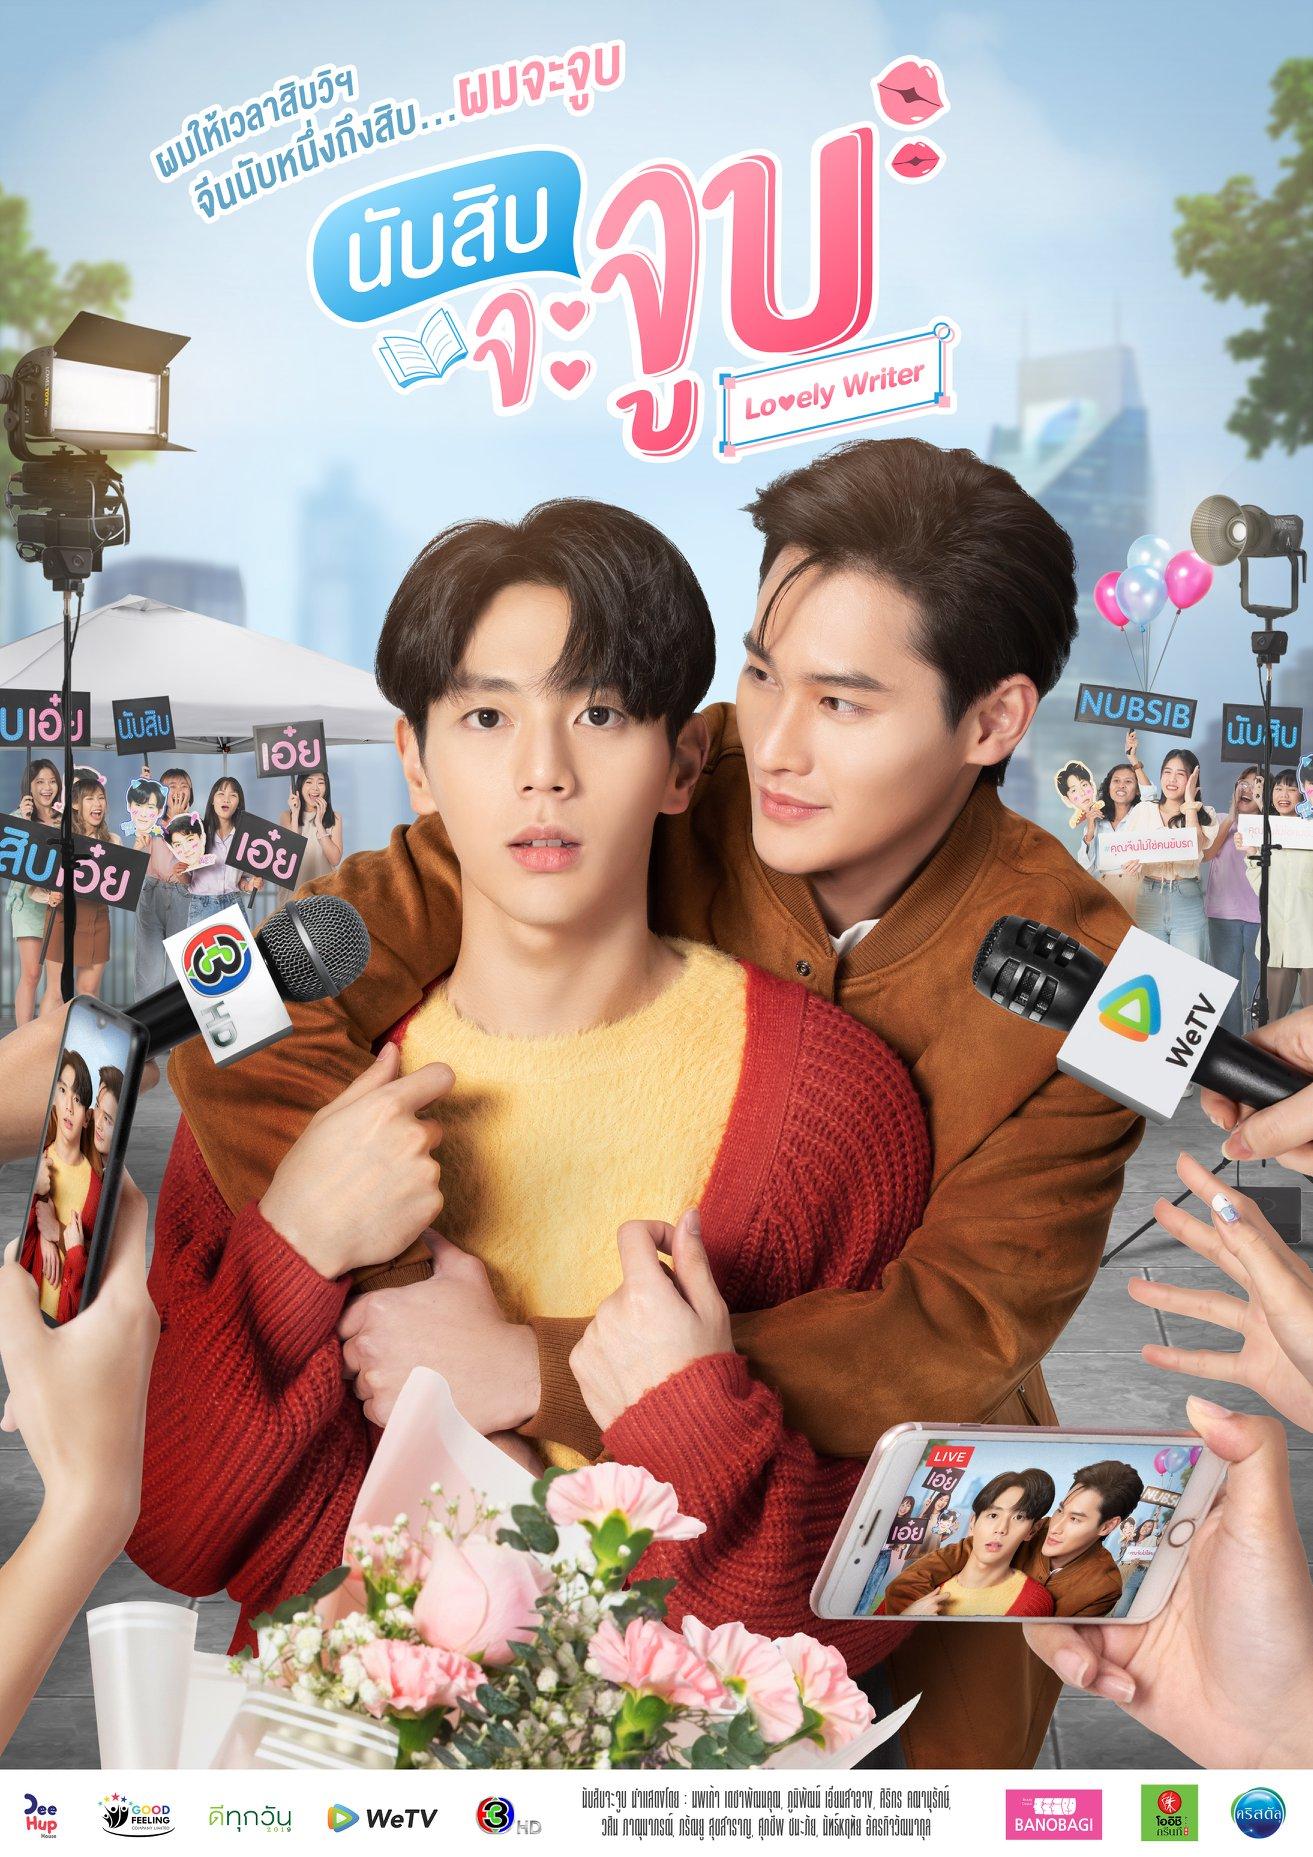 >นับสิบจะจูบ (2021) Lovely Writer ตอนที่ 1-12 พากย์ไทย